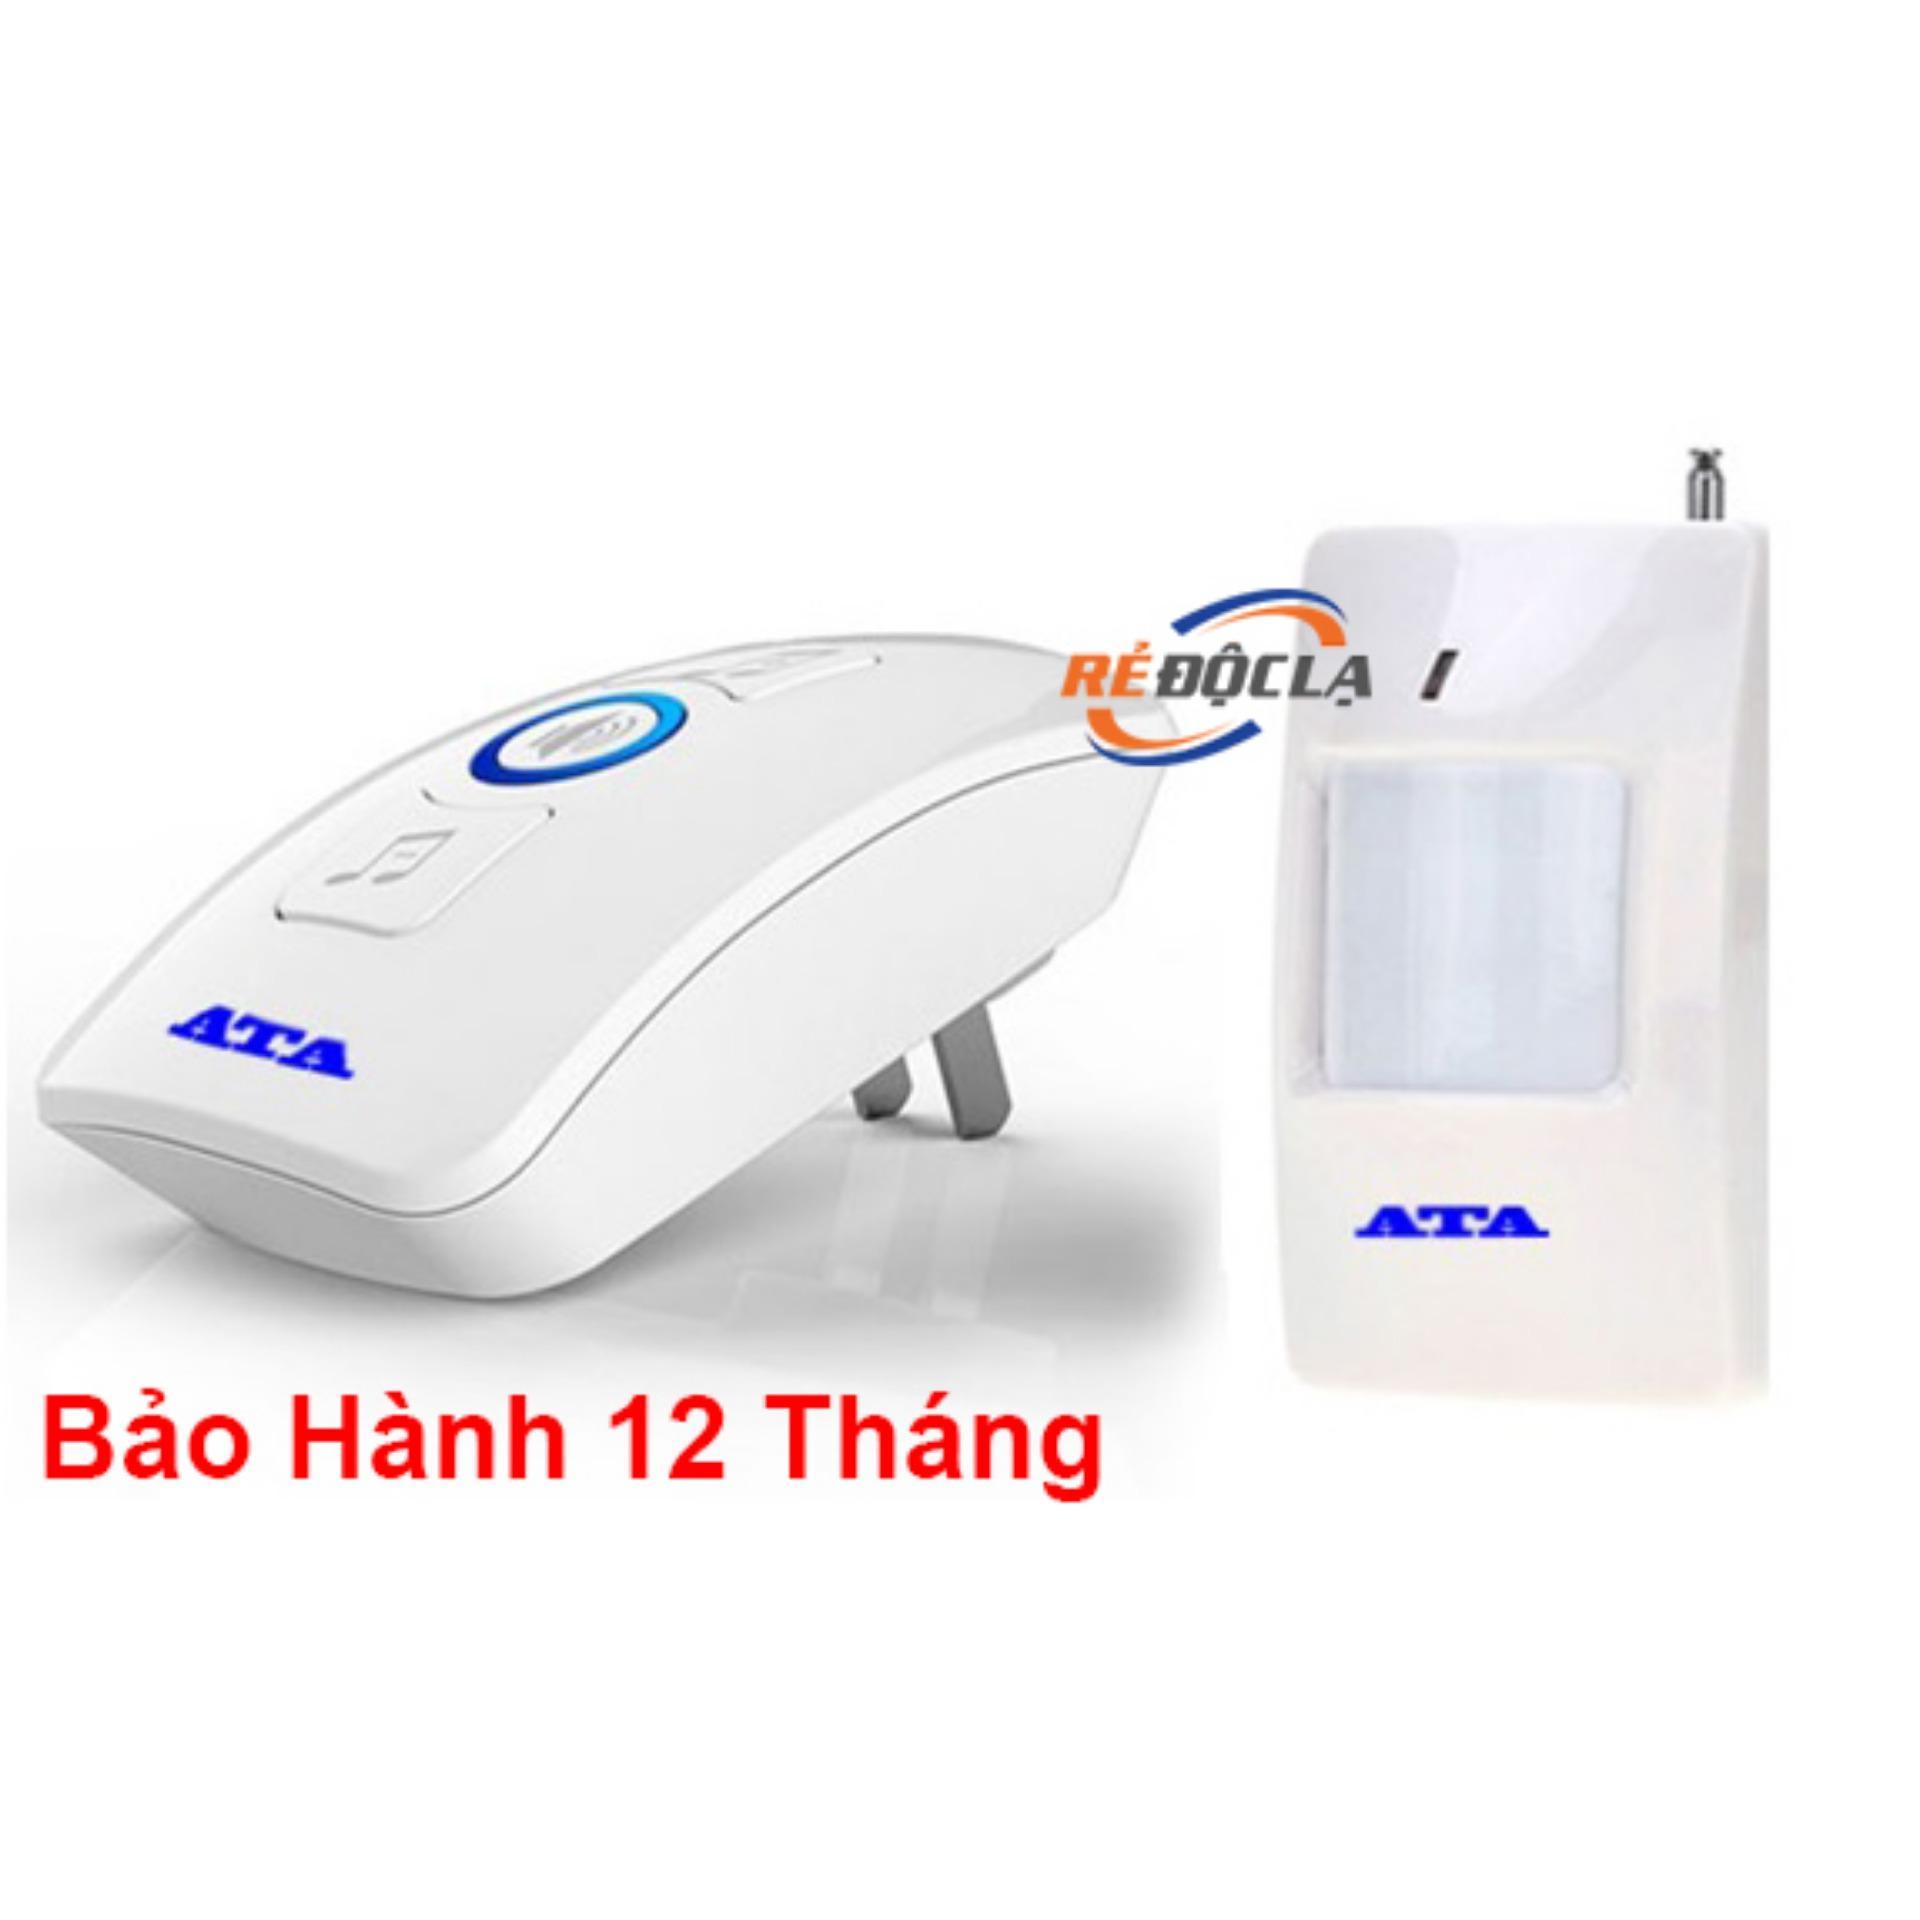 Báo khách báo trộm không dây đa năng ATA AT338- LED SHOP